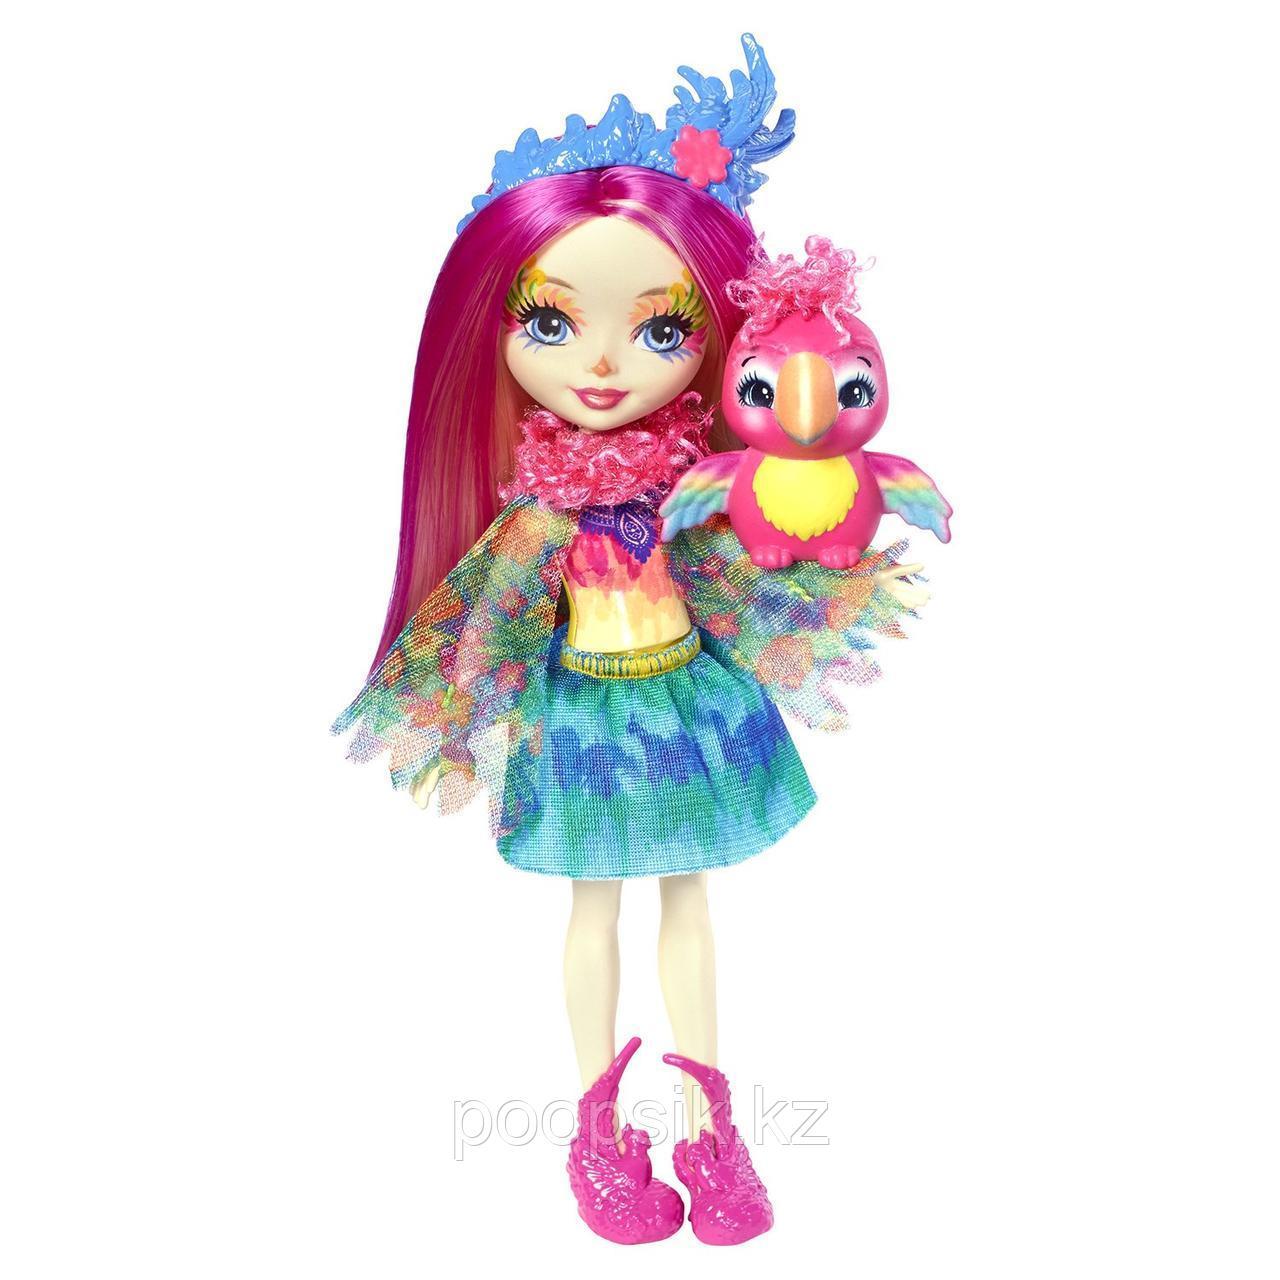 Enchantimals Пикки Какаду с питомцем 15 см, Mattel FJJ21 - фото 1